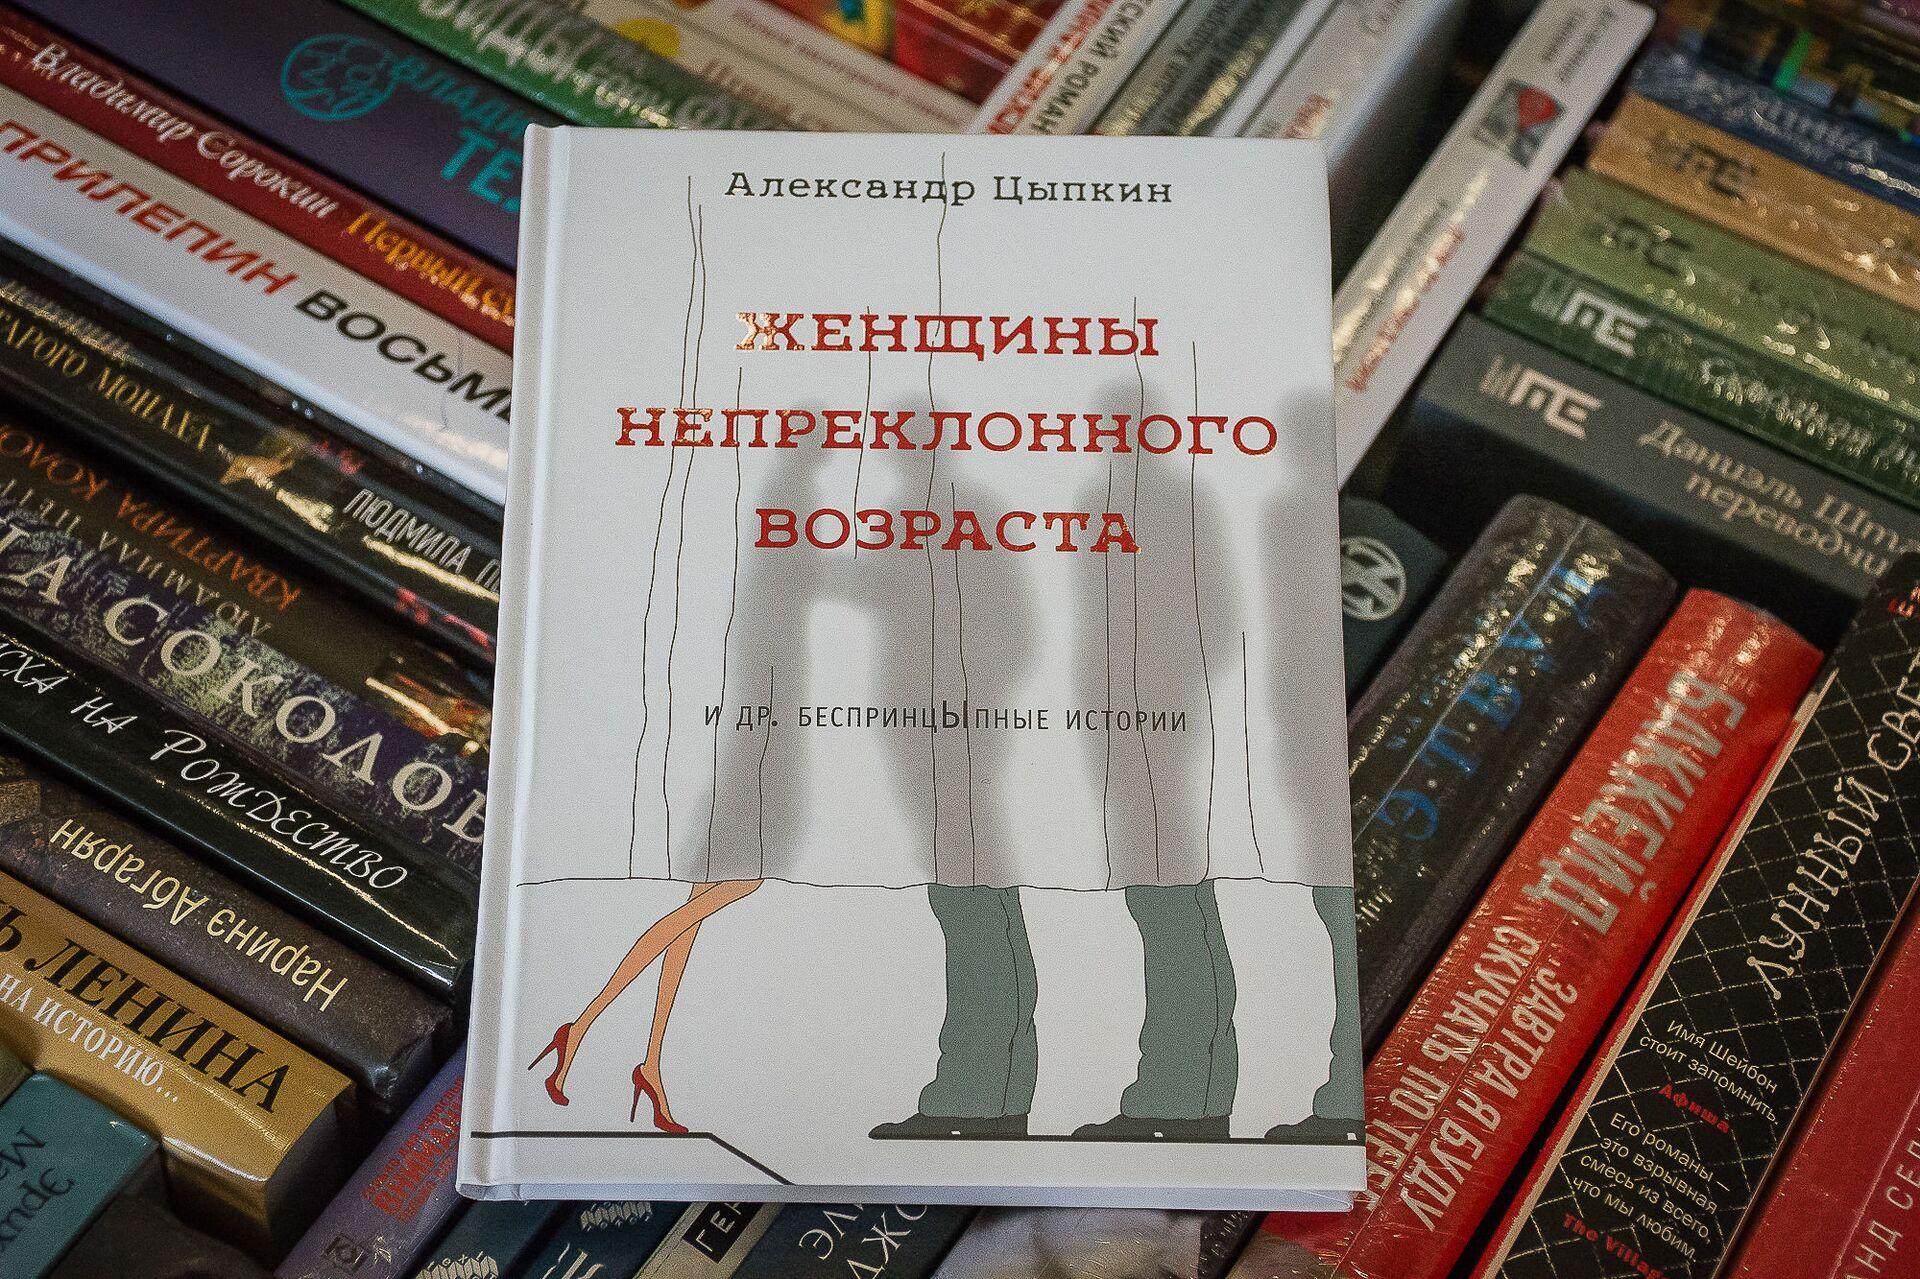 Русскоязычная литература в современной Грузии: миф или реальность? - Sputnik Грузия, 1920, 03.03.2021